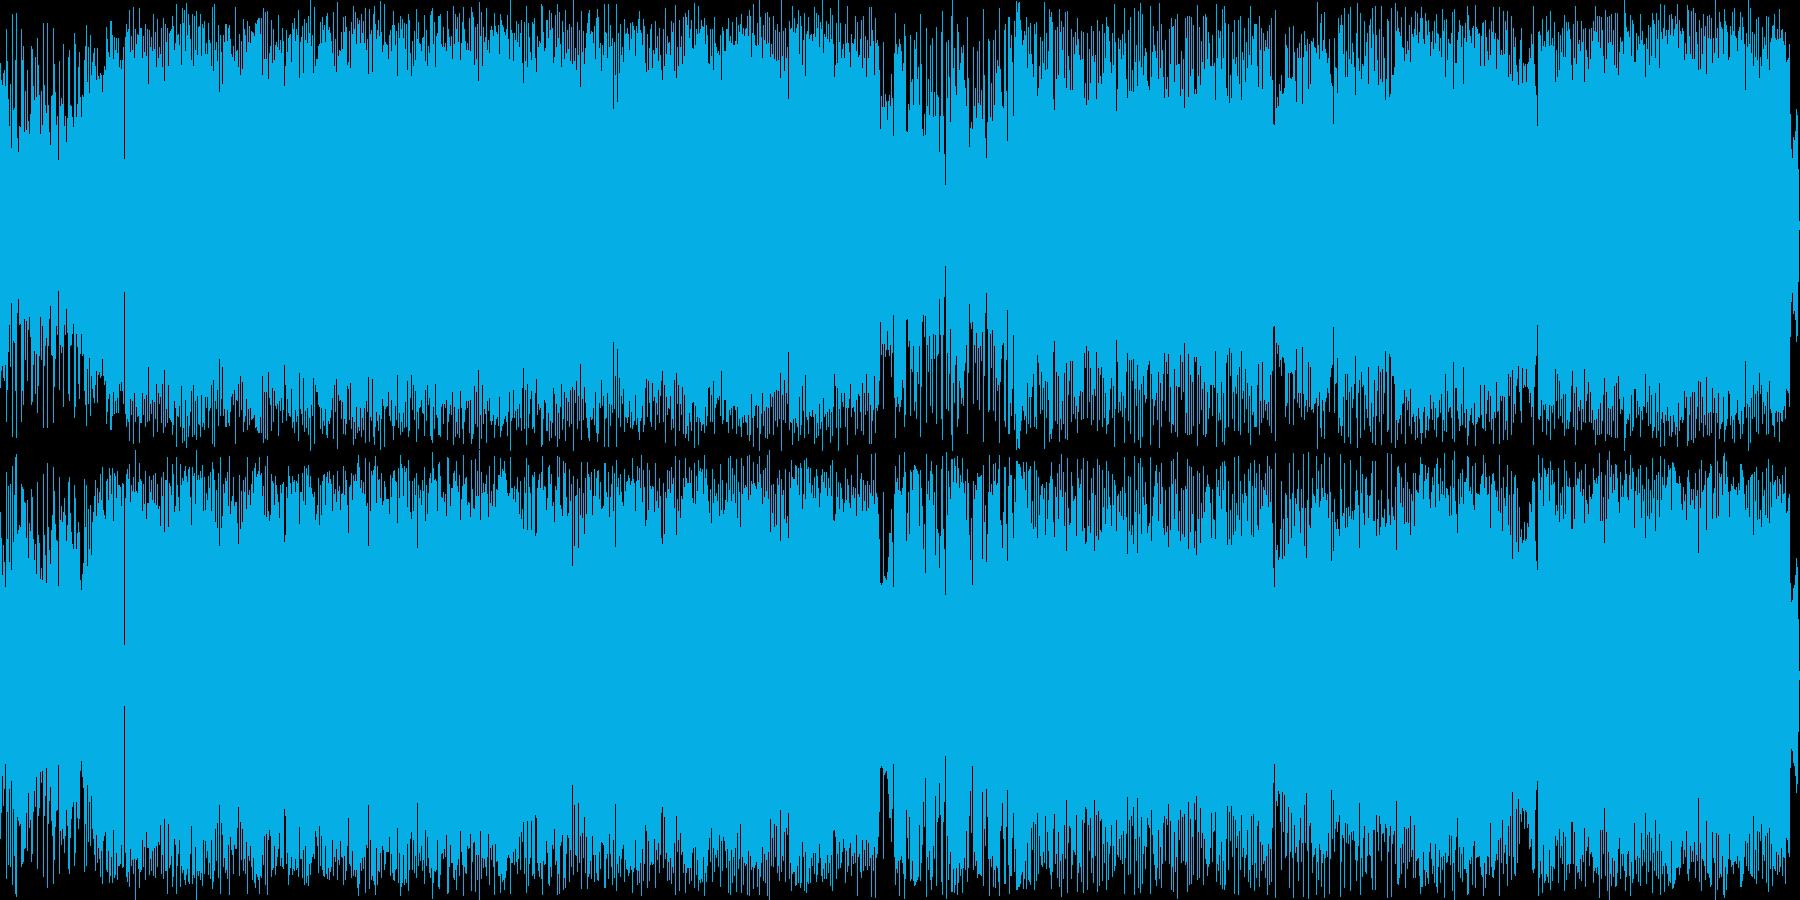 軽快で疾走感のあるロックチューンの再生済みの波形